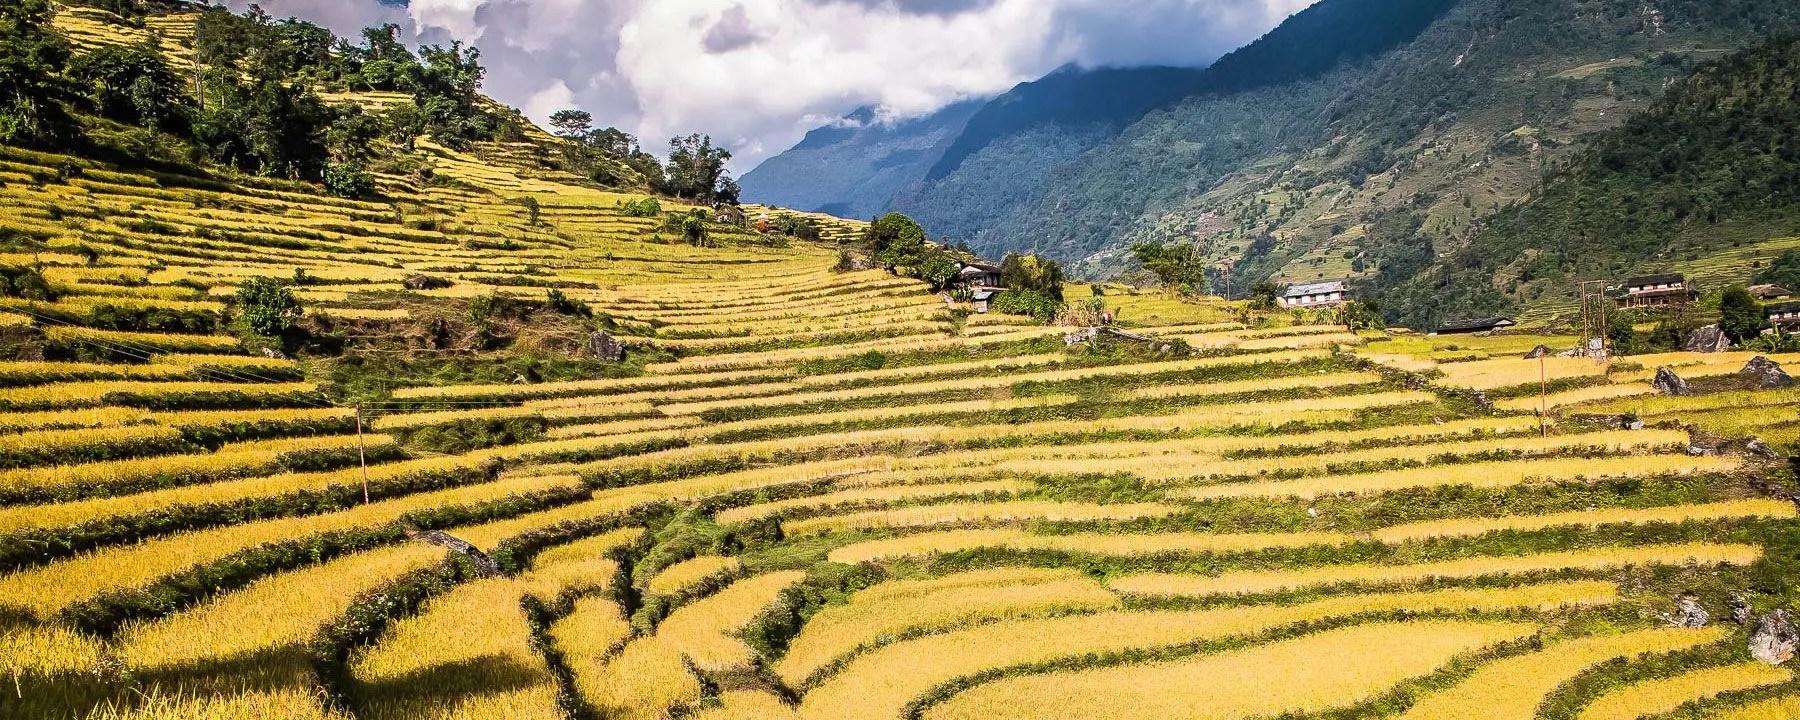 Annapurna Rice Terraces